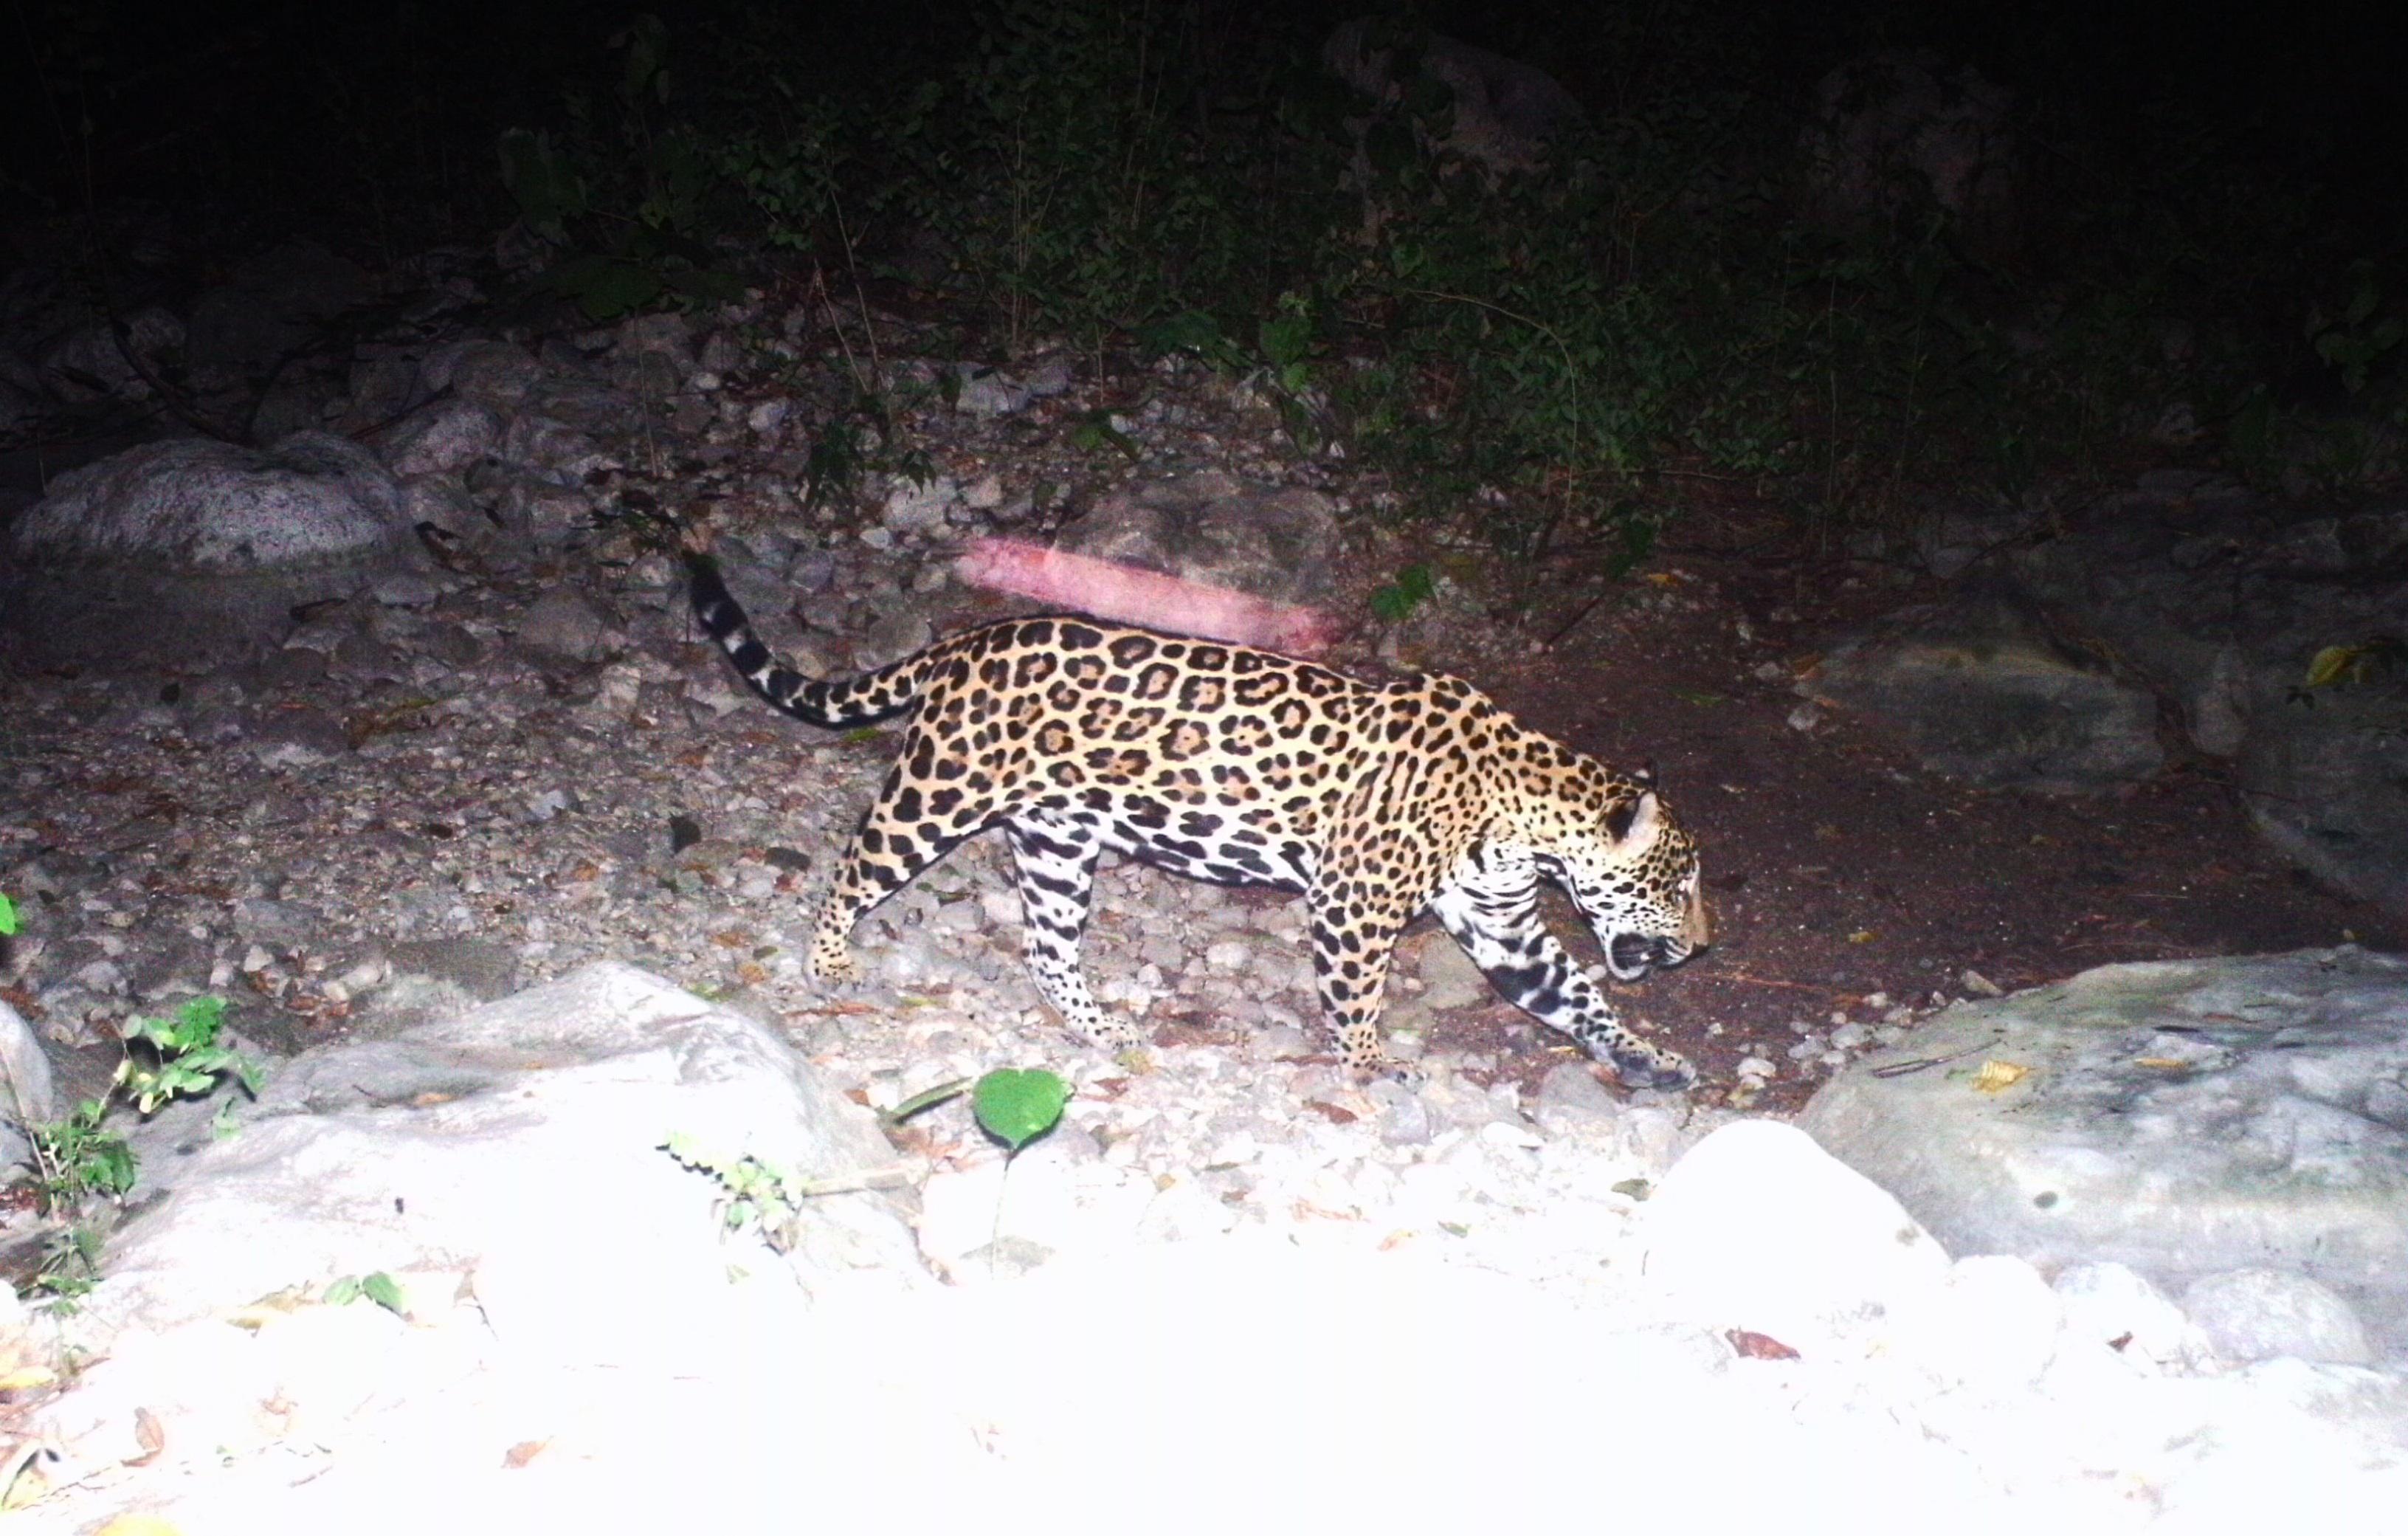 hoyennoticia.com, Con cámaras trampa cerrejón identifica más de 46 especies de fauna